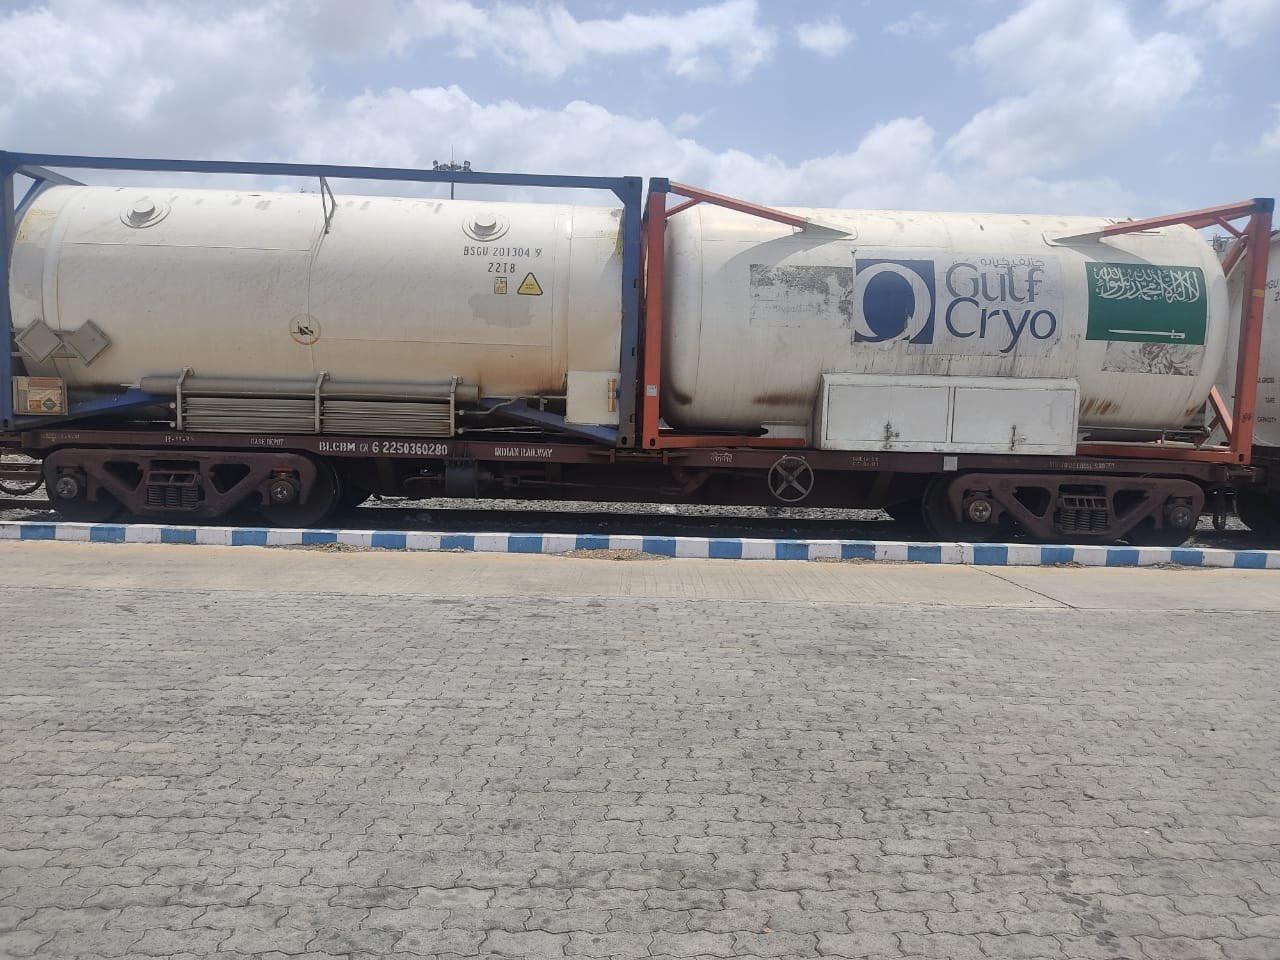 ऑक्सीजन एक्सप्रेस ट्रेनों ने देश भर में 28473 मीट्रिक टन से ज्यादा तरल चिकित्सा ऑक्सीजन की आपूर्ति की